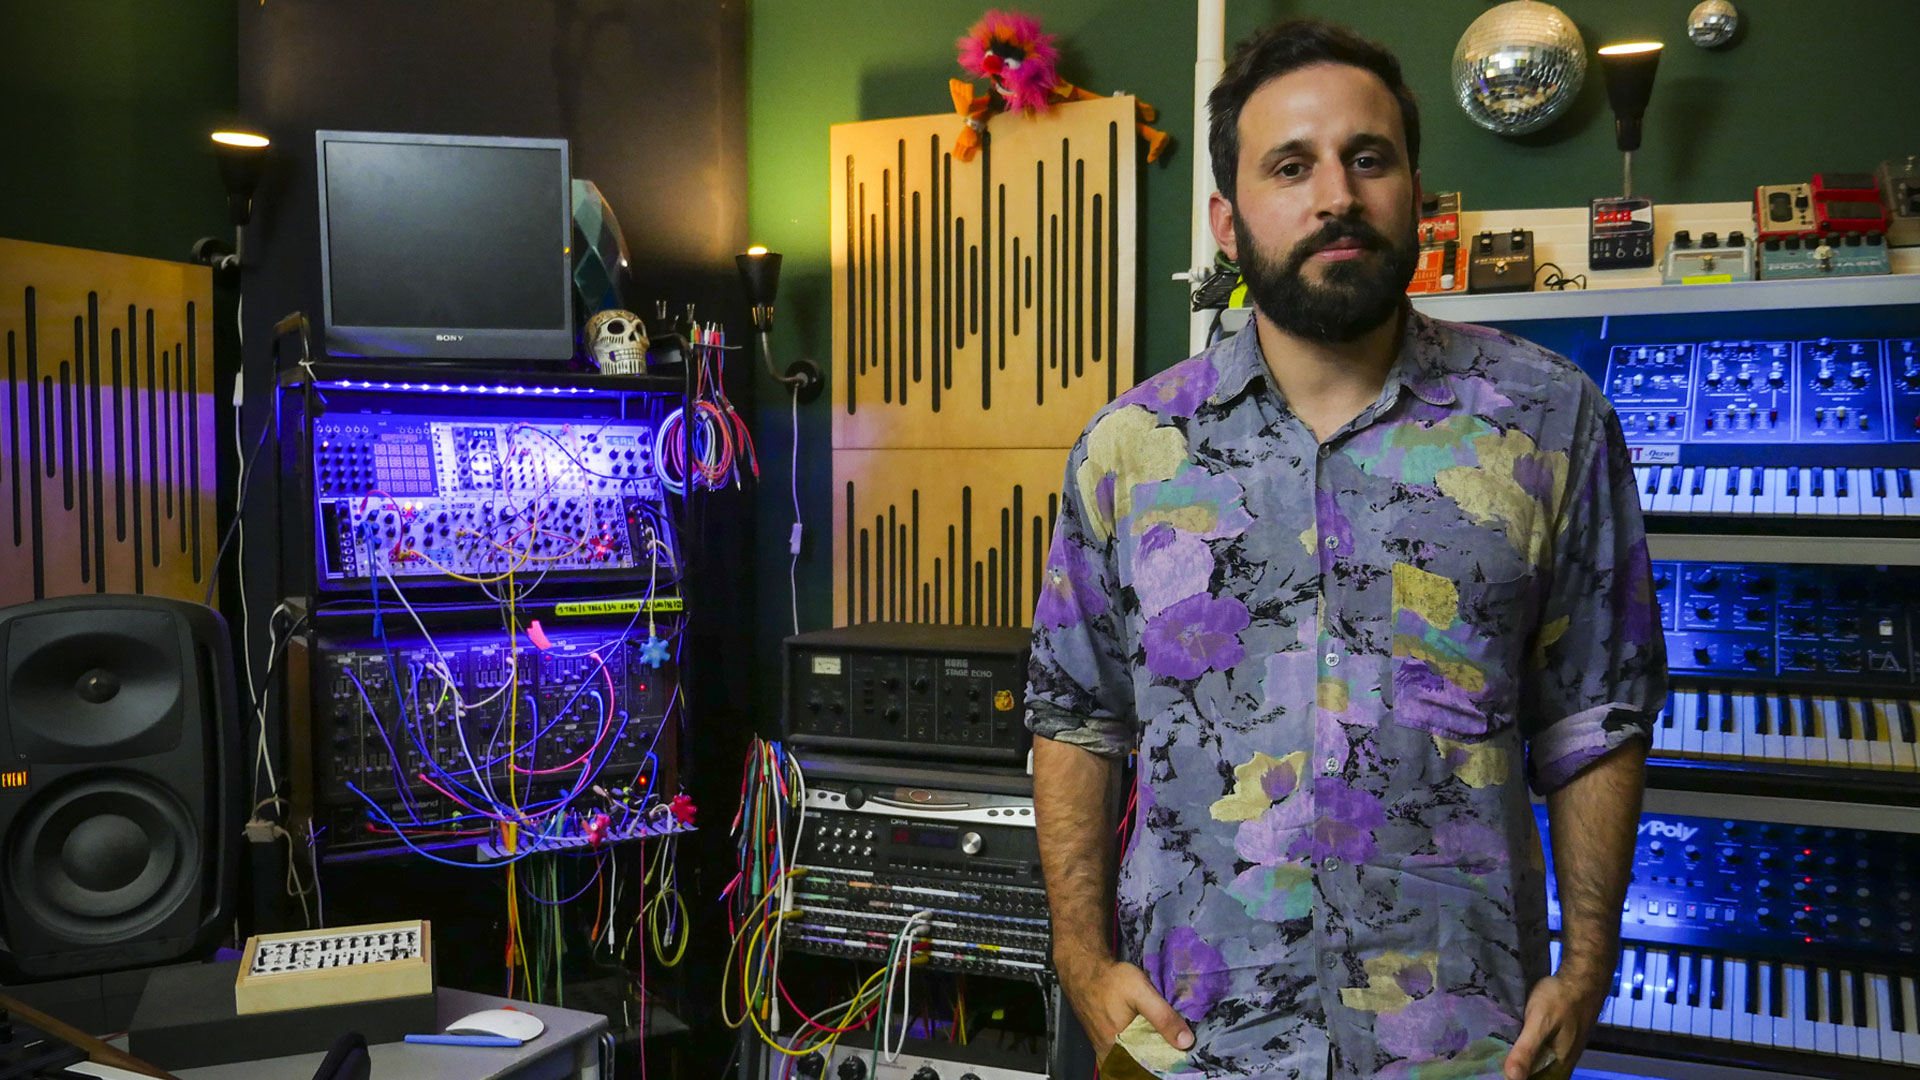 Moullinex vai recriar o seu estúdio ao vivo no Musicbox